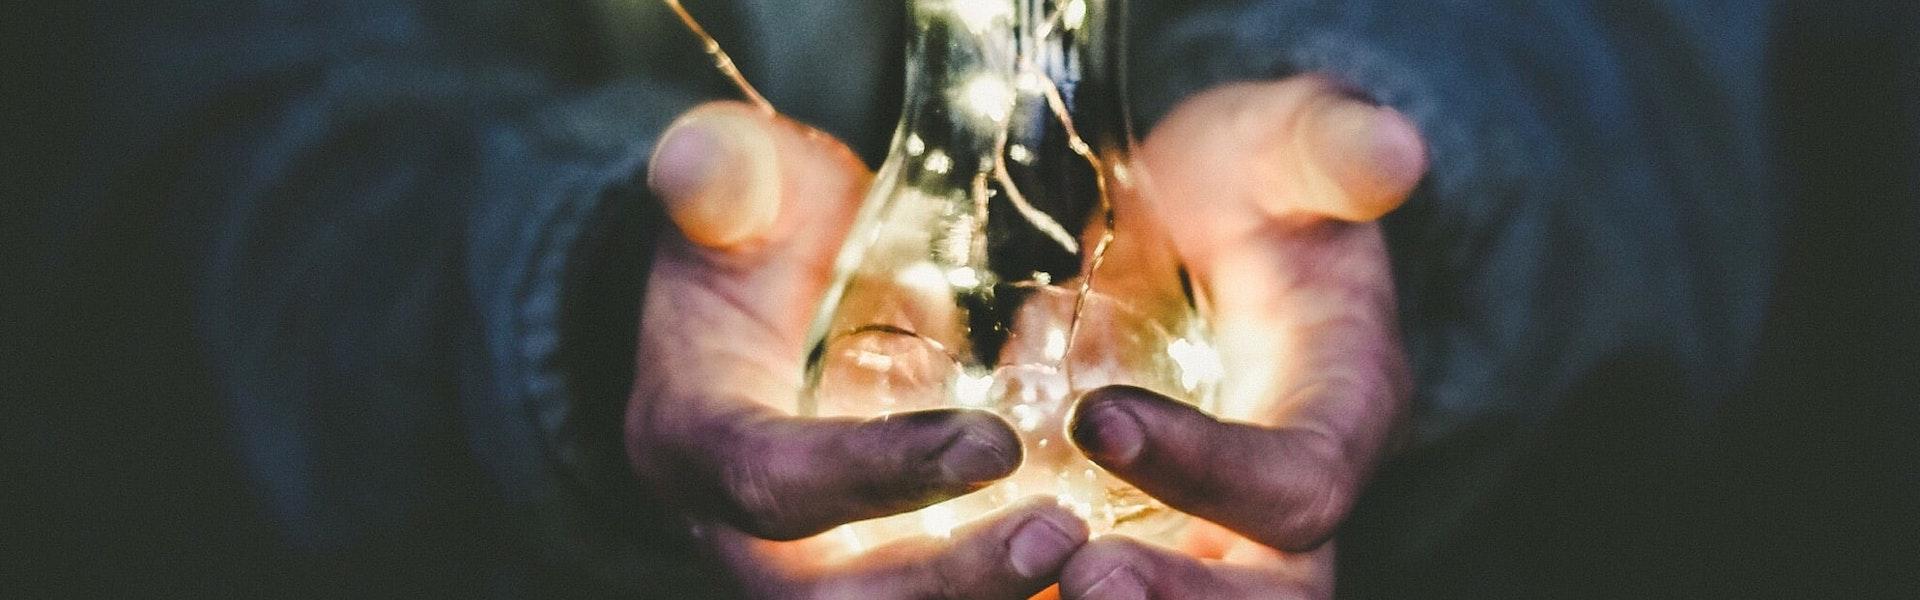 「轉型永續經營:從企業案例學習如何開拓轉型」のアイキャッチ画像